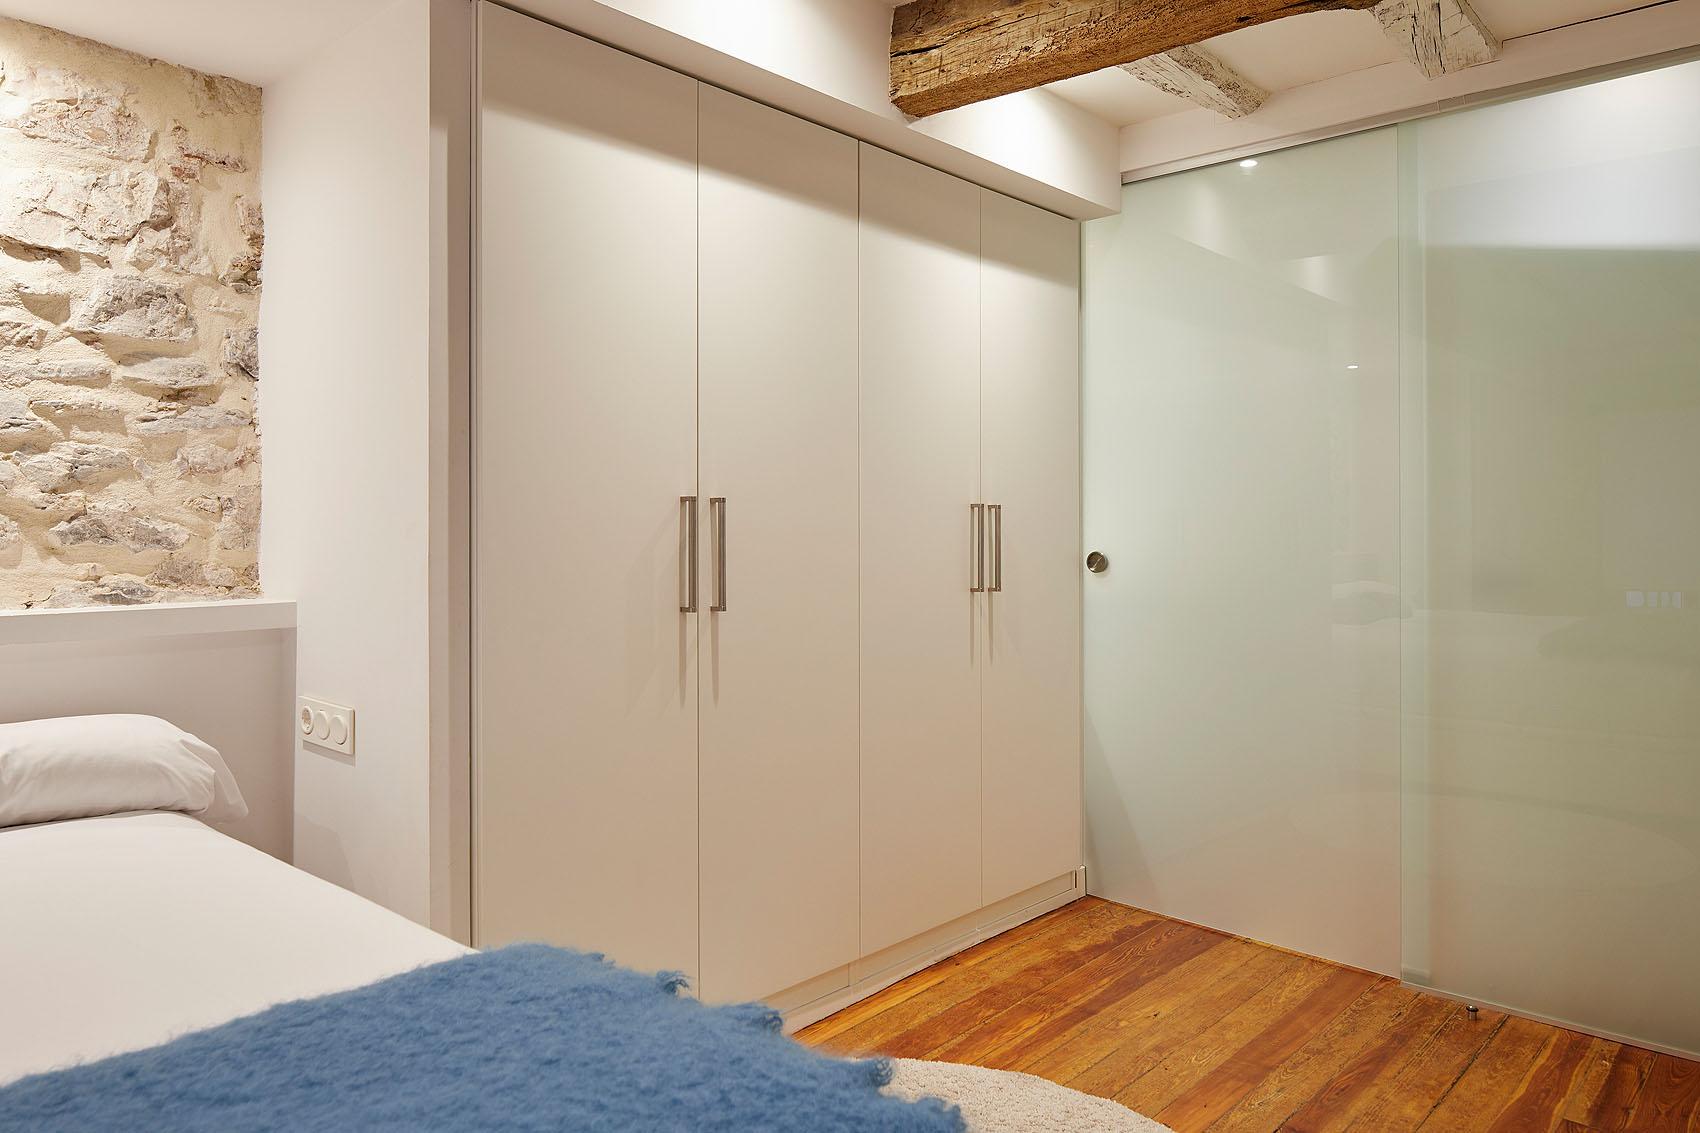 Apartamento Suite Boulevard By Always Easy Rental - Iñaki Caperochipi - Fotografía